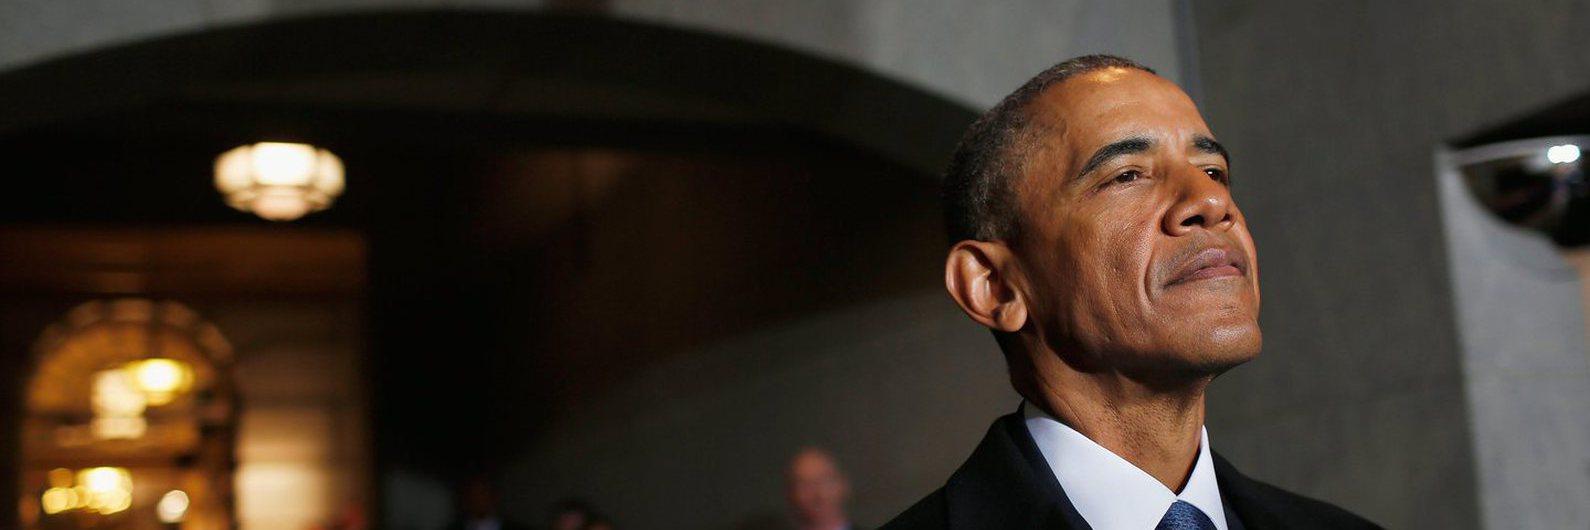 Barack Obama esteve de férias três meses. Agora voltou para incentivar jovens a se envolverem na política